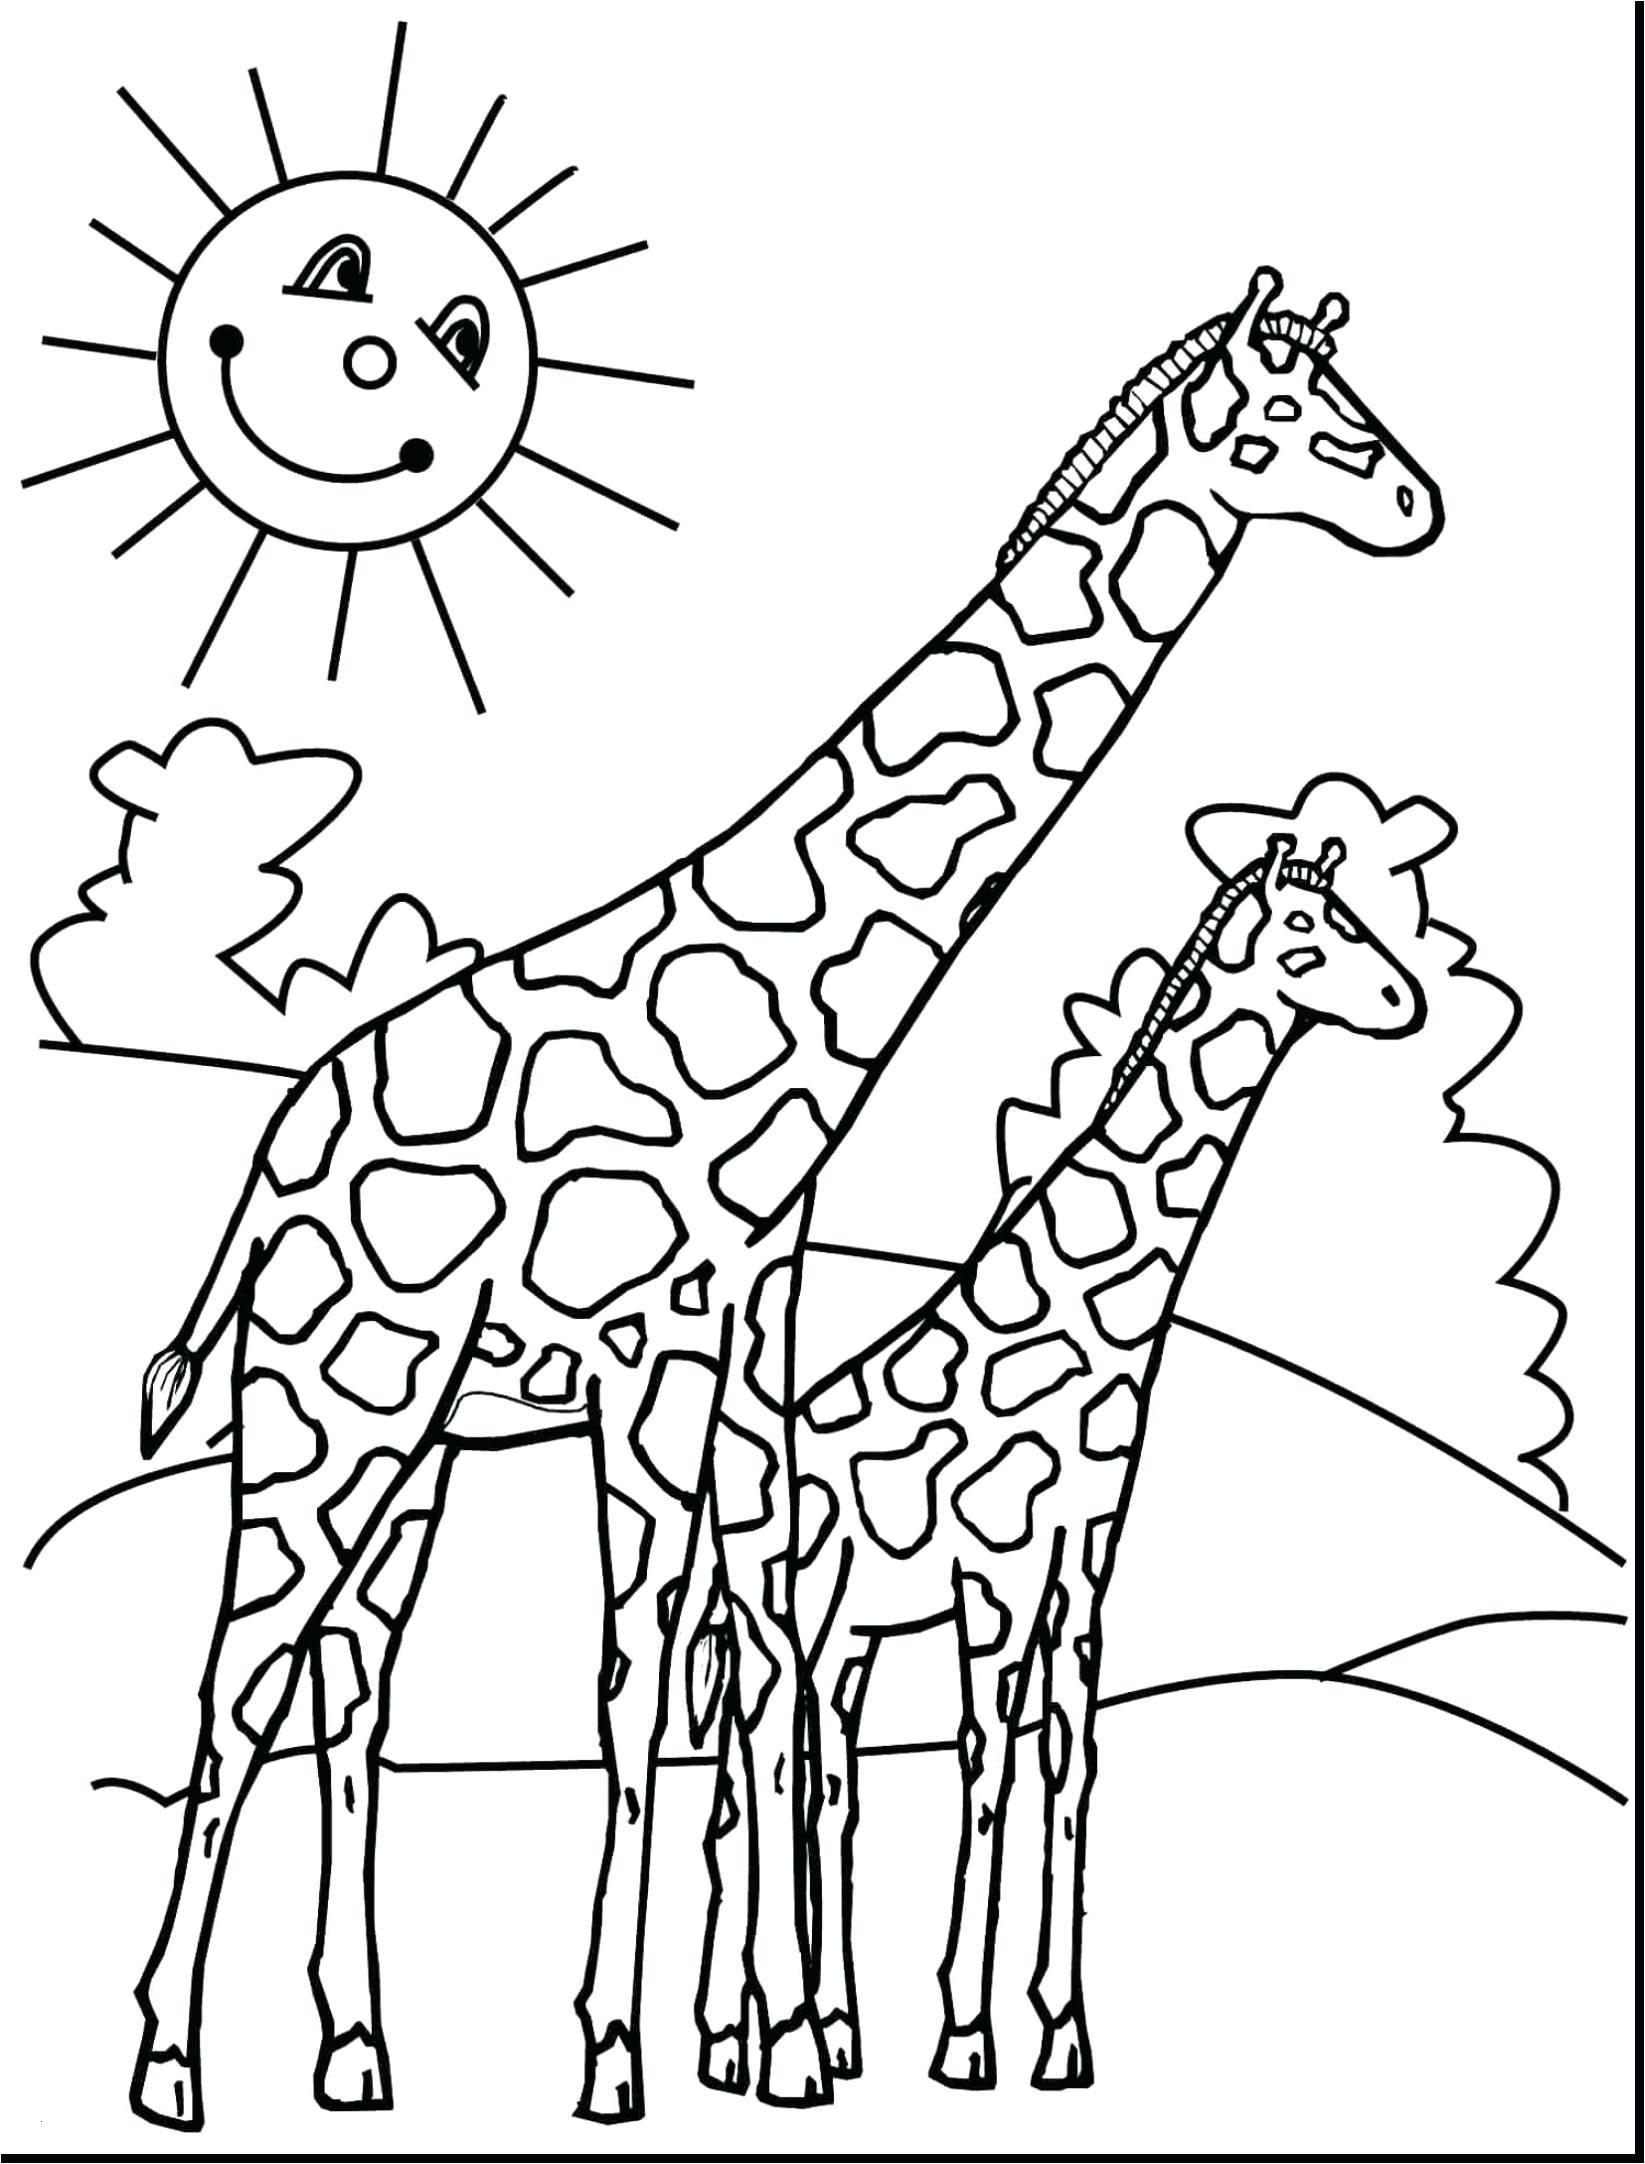 Coloriages à imprimer : Girafe, numéro : 6f018868